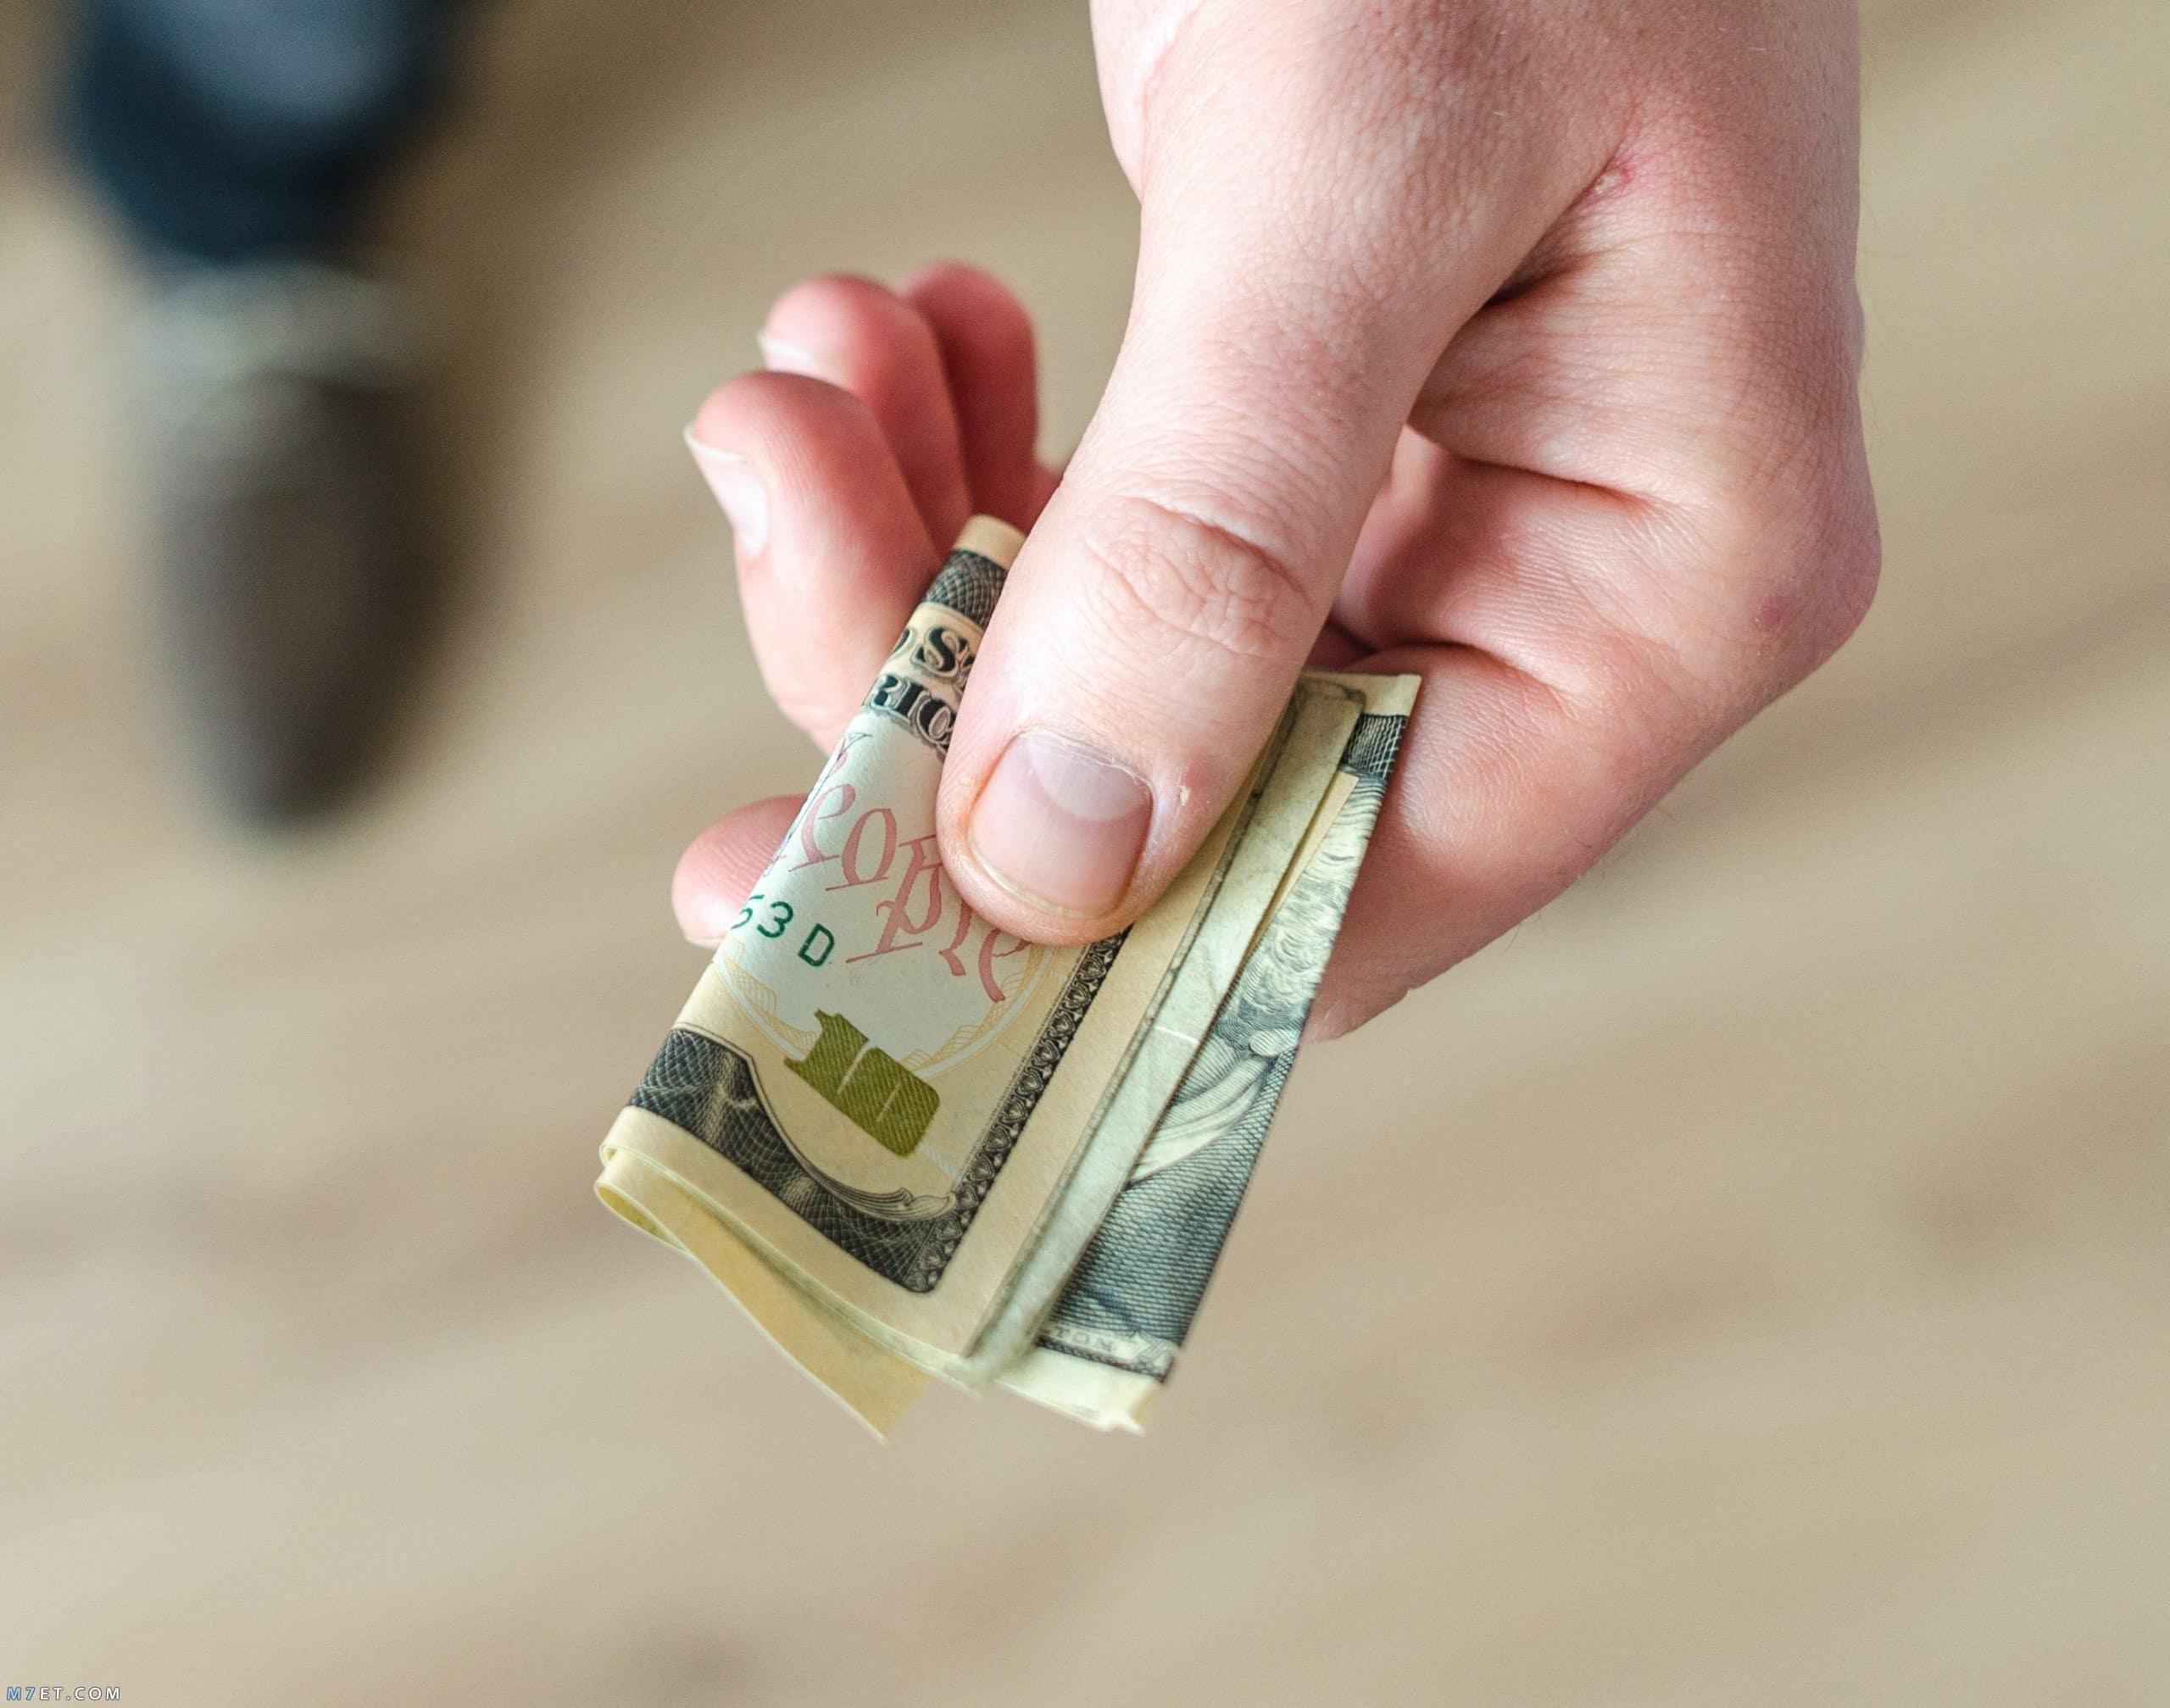 تفسير حلم شخص أعطاني نقود ورقية